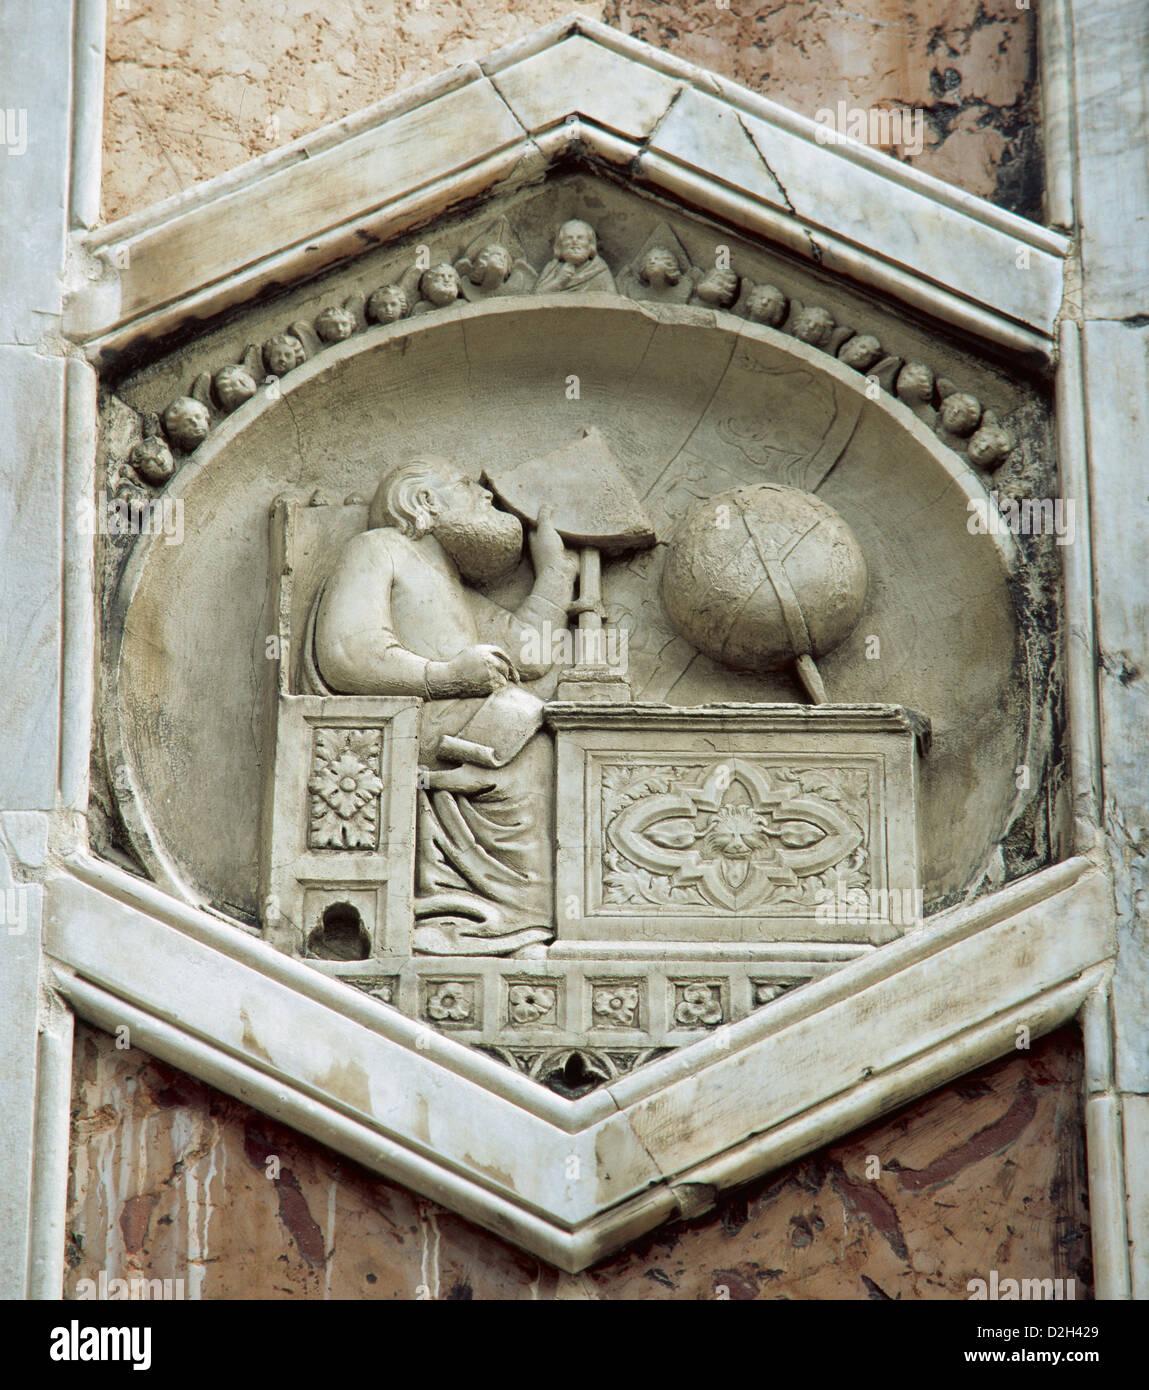 Gionitus. Inventore di astronomia, (1334-1336). Sollievo nei pannelli exagonal del campanile del Duomo di Firenze. Immagini Stock